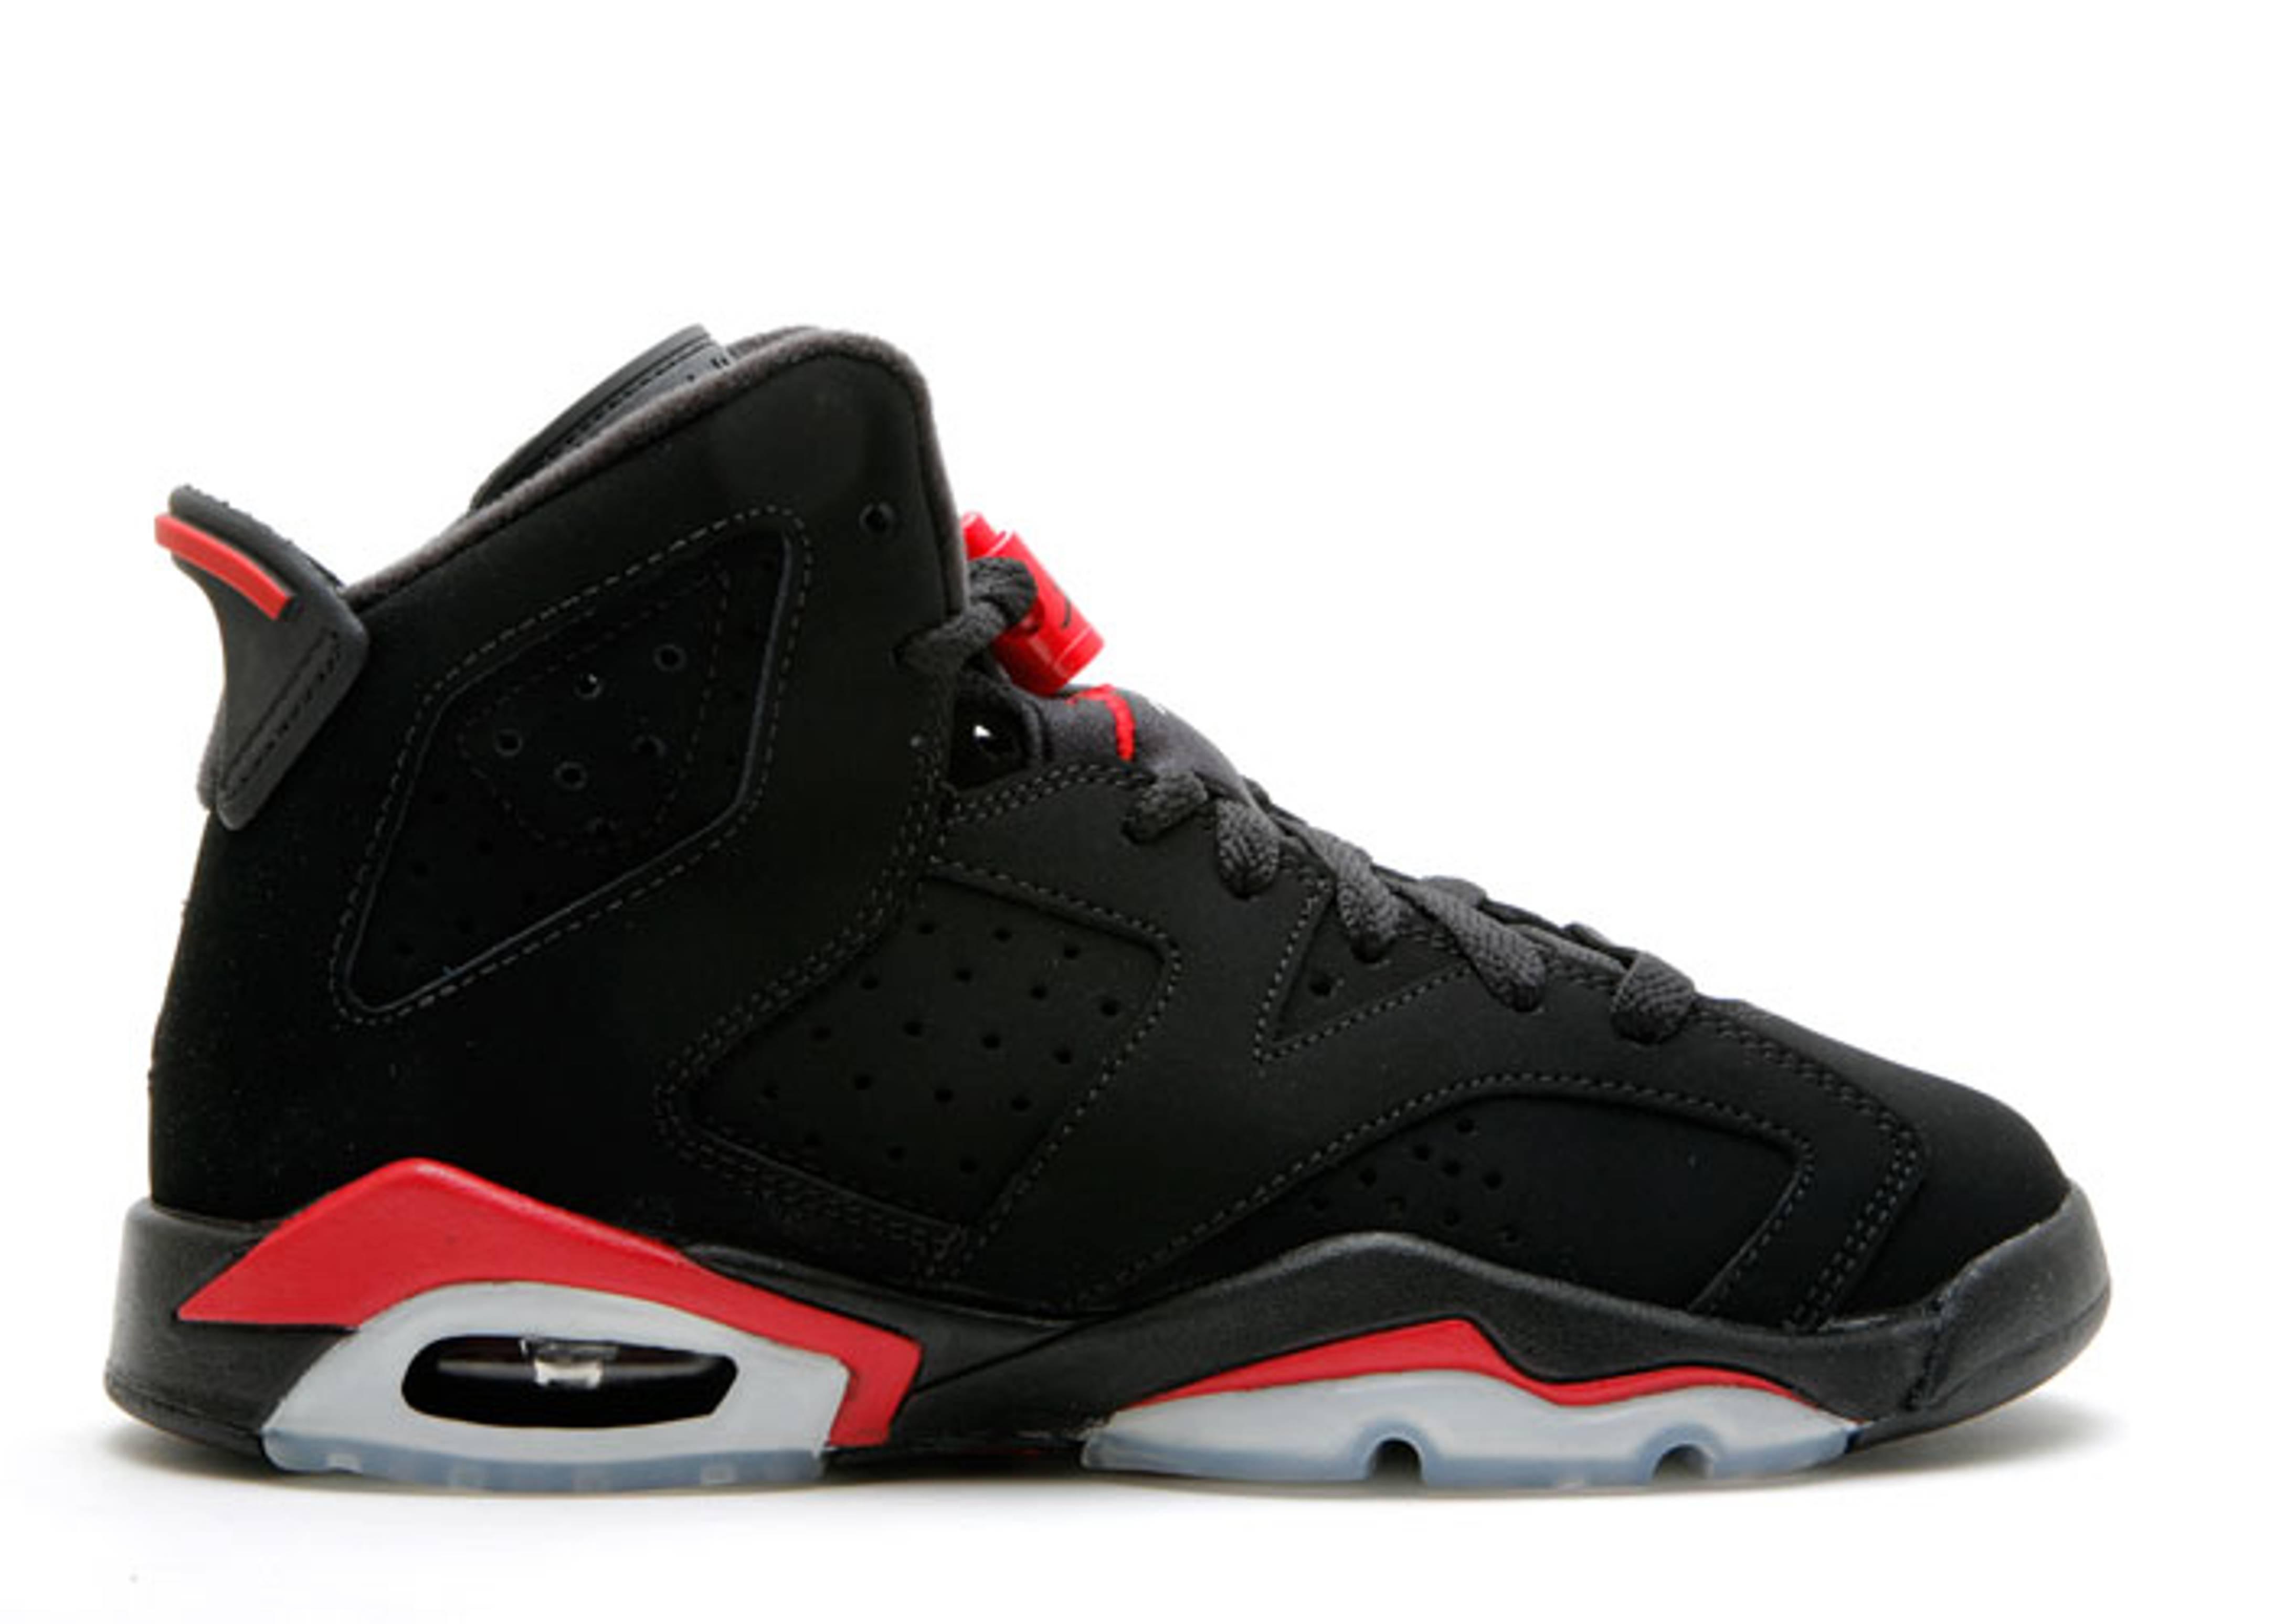 Air Jordan 6 Vi Noir Infrarouge Rétro / Fac-ciment Gris Rouge rabais meilleur GxWFy